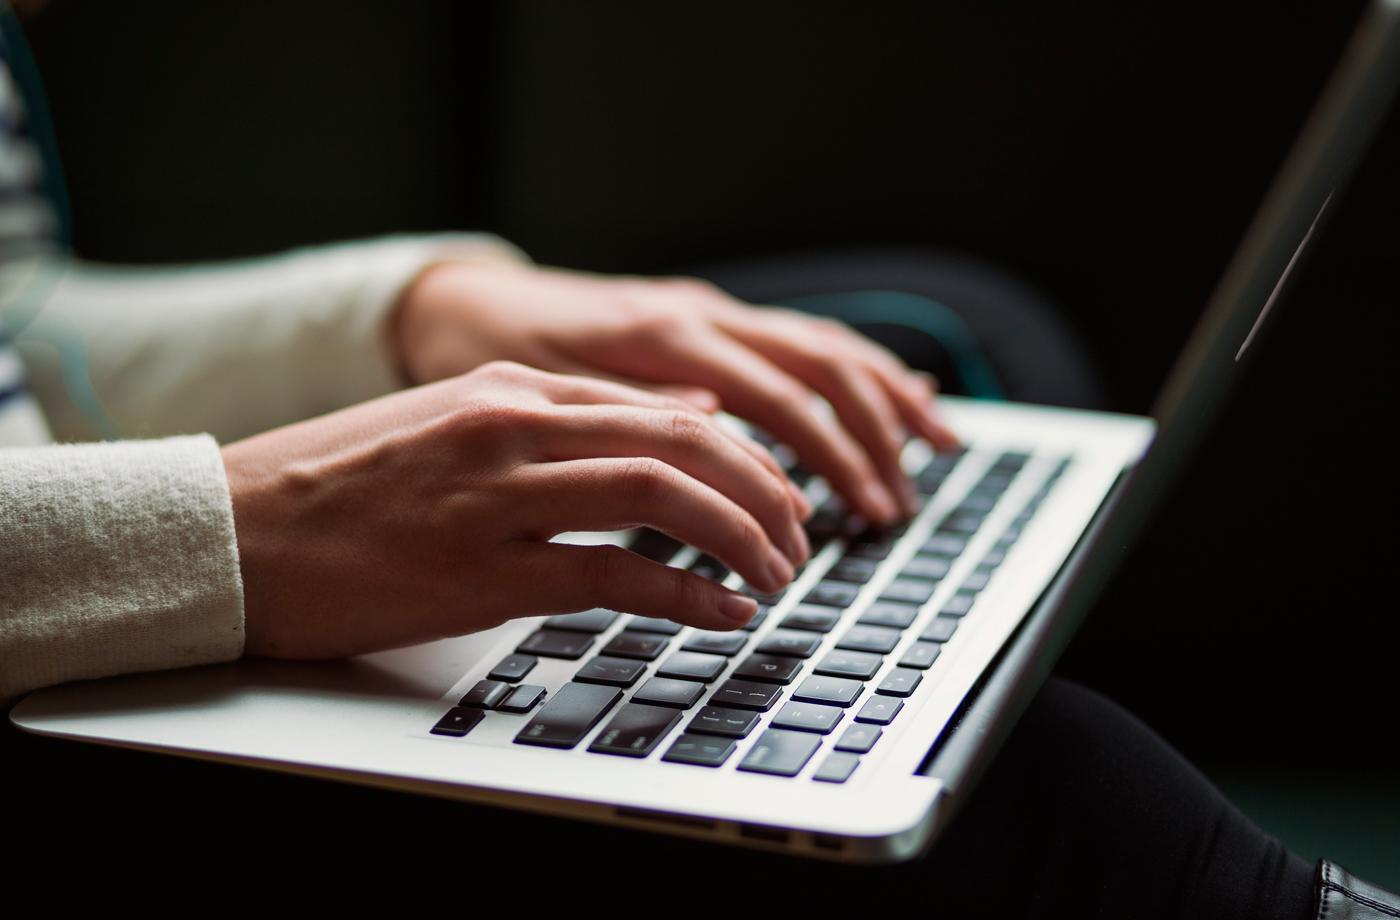 Ciberseguridad en instituciones financieras